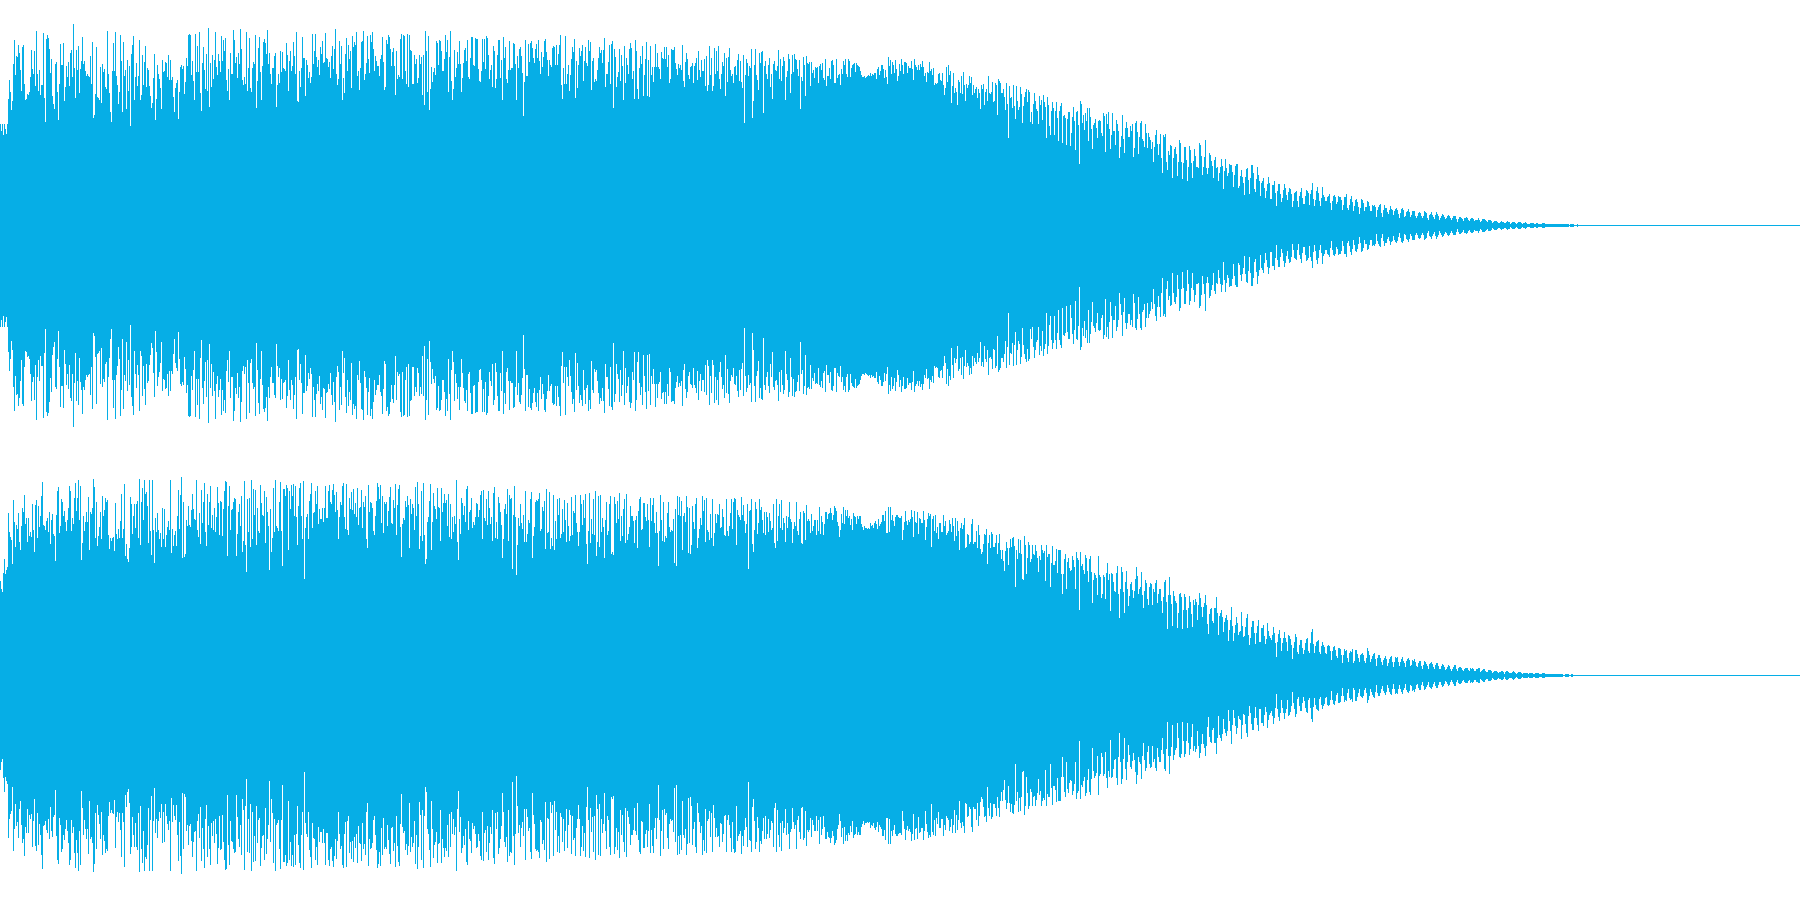 疾走感な効果音(ドカーン)の再生済みの波形